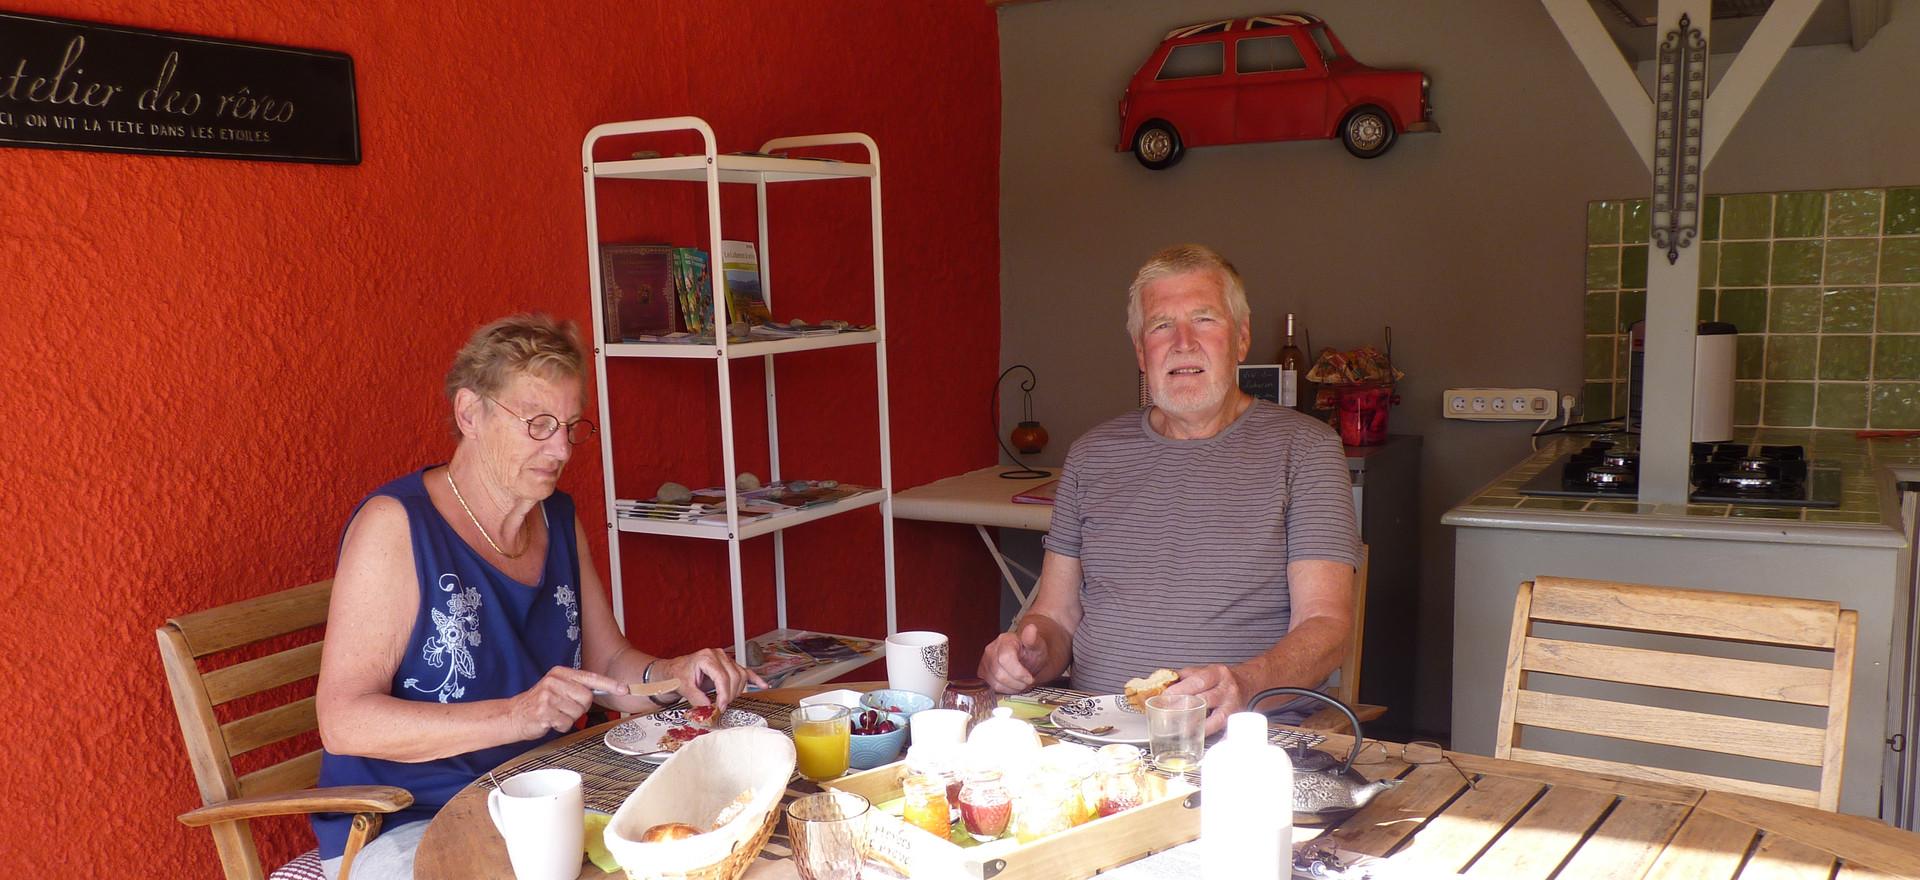 Petit déjeuner avec des hollandais